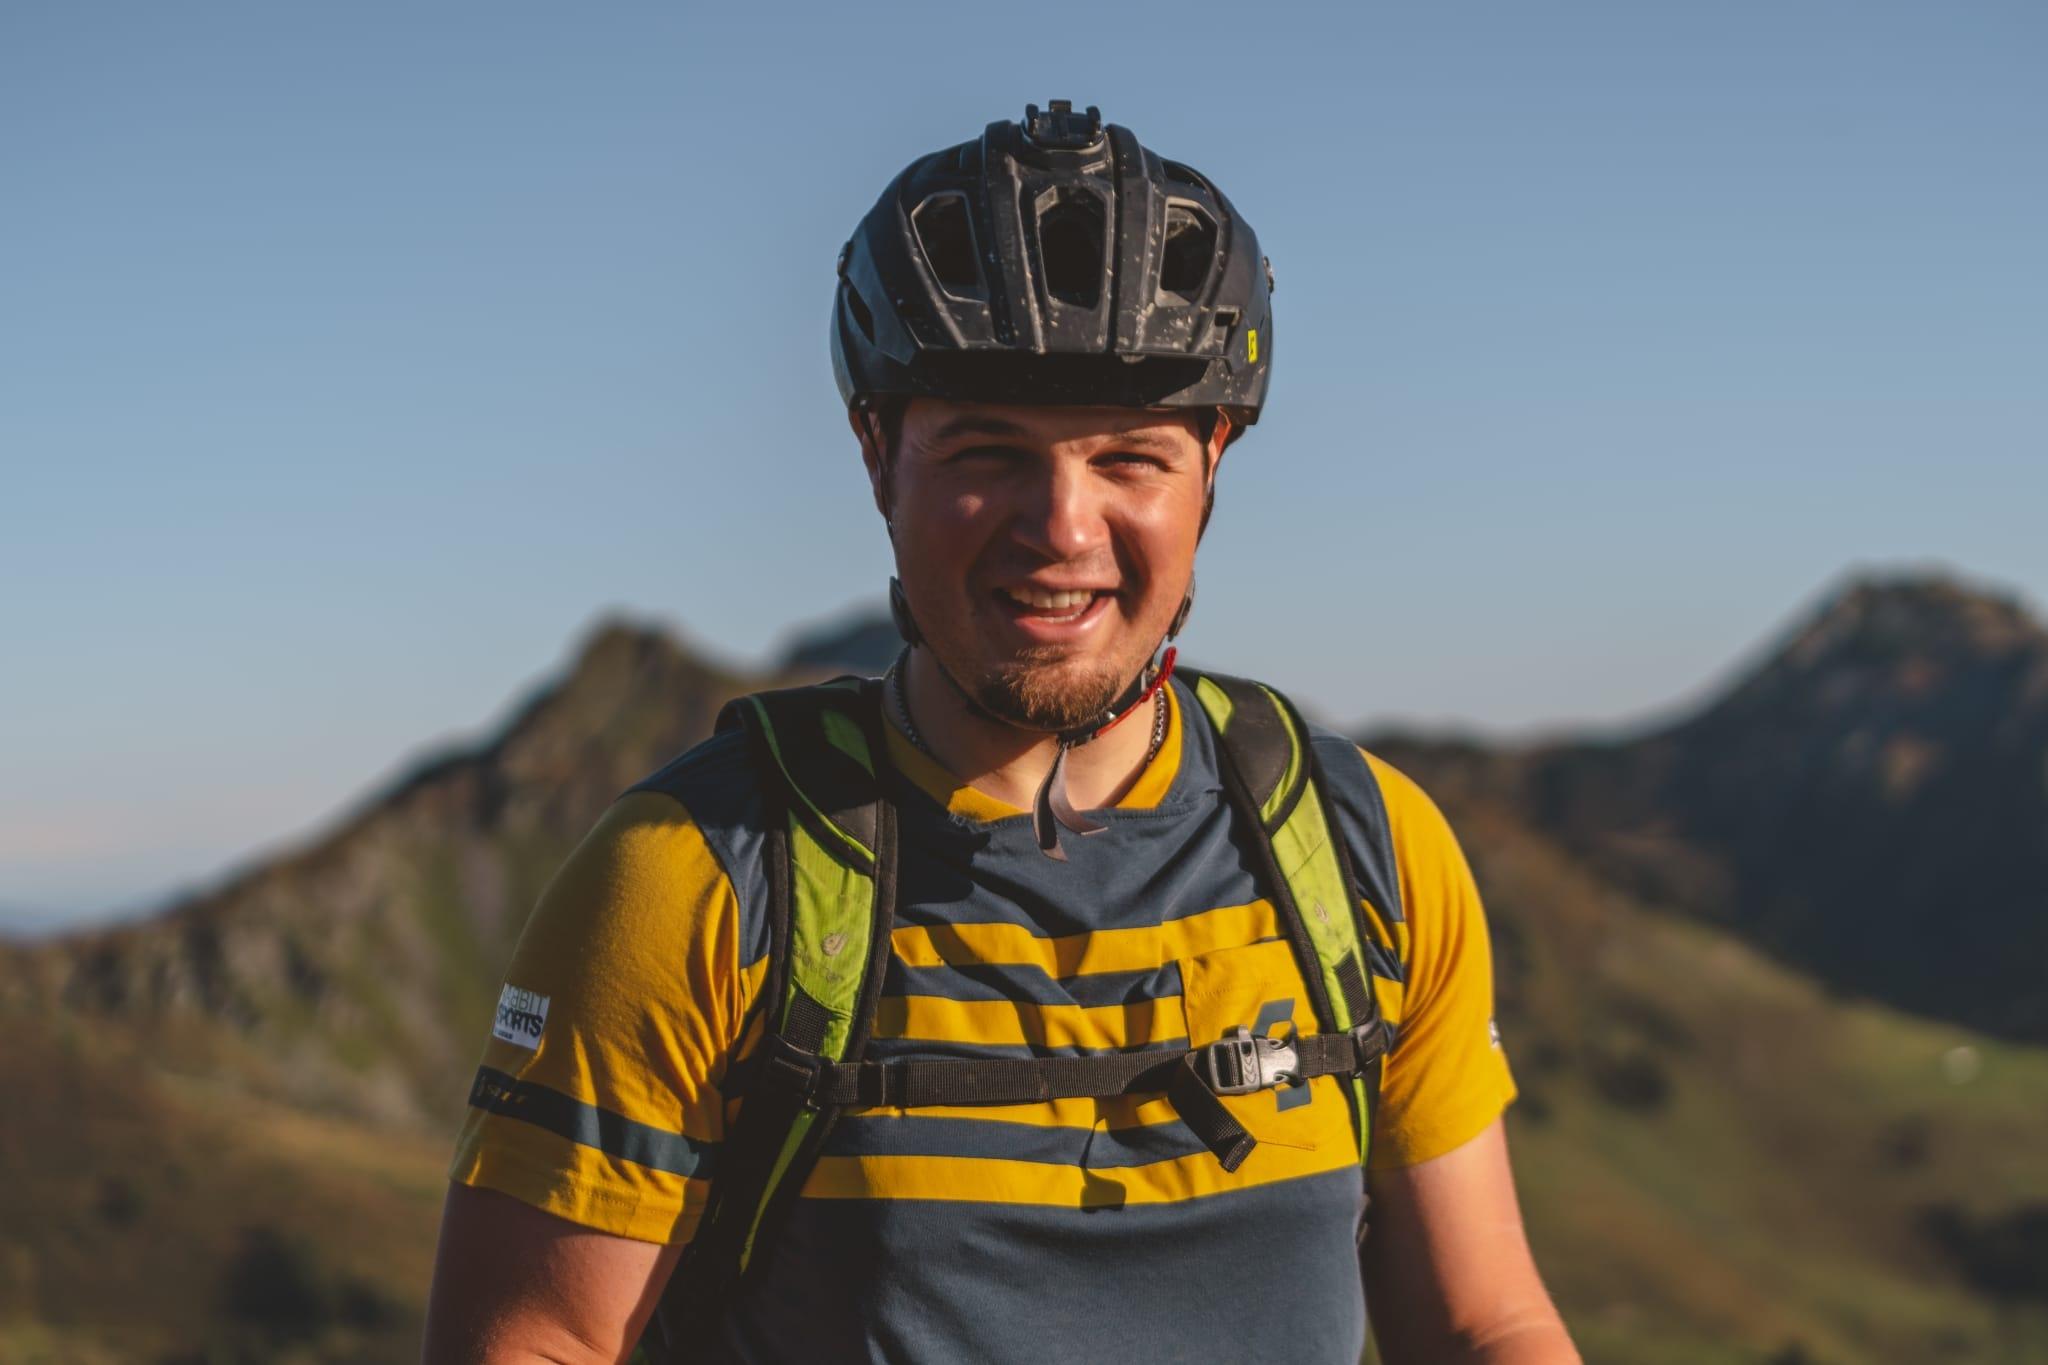 Mann mit Fahrradhelm lächelt in die Kamera